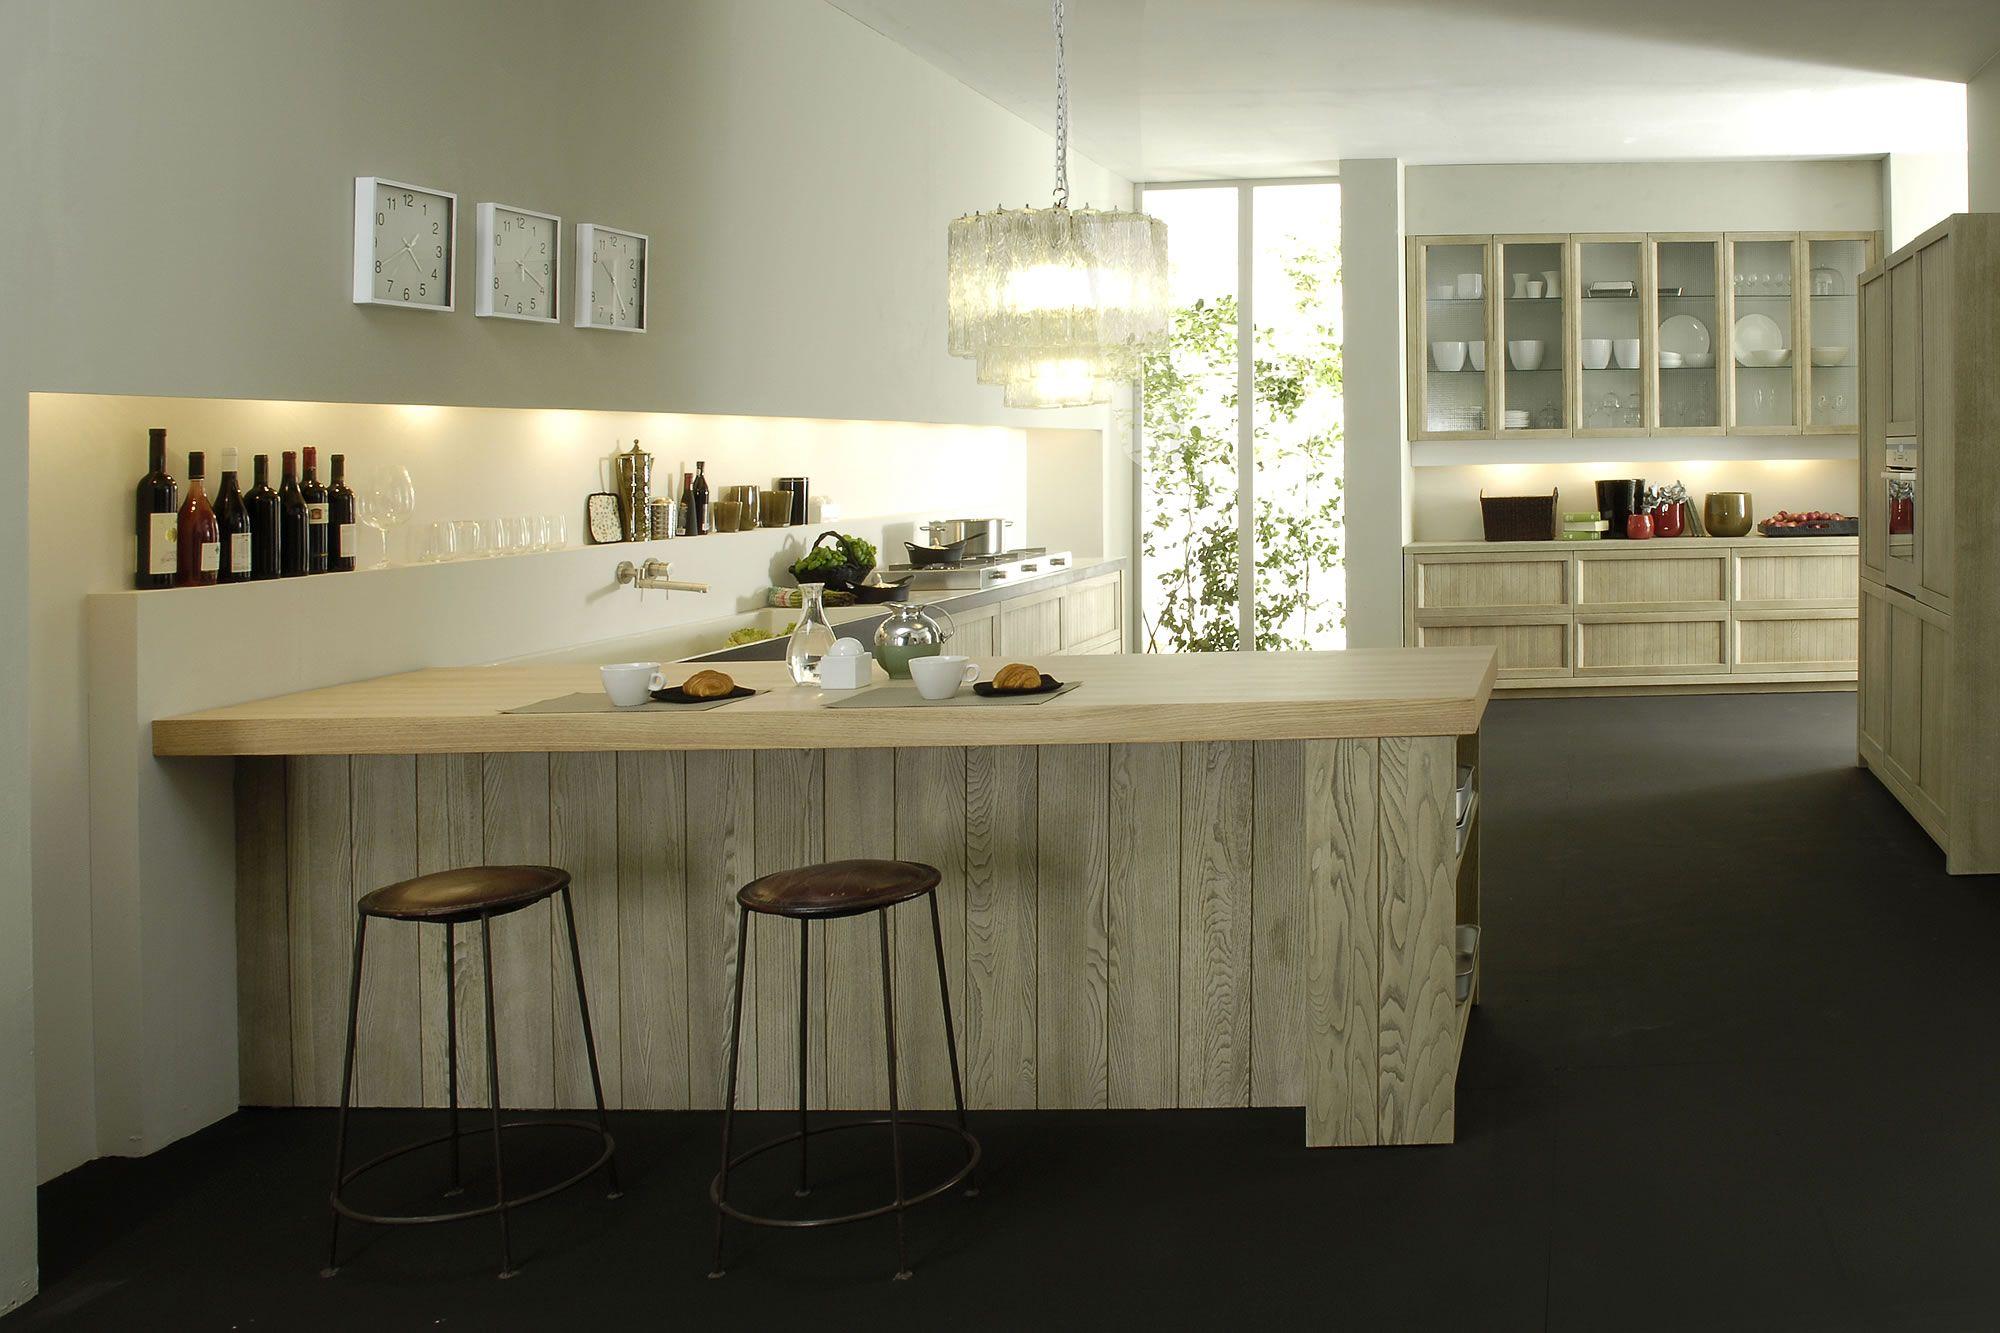 Cucine Componibili Siena.Cucine Country Chic Stile Moderno Componibili In Legno